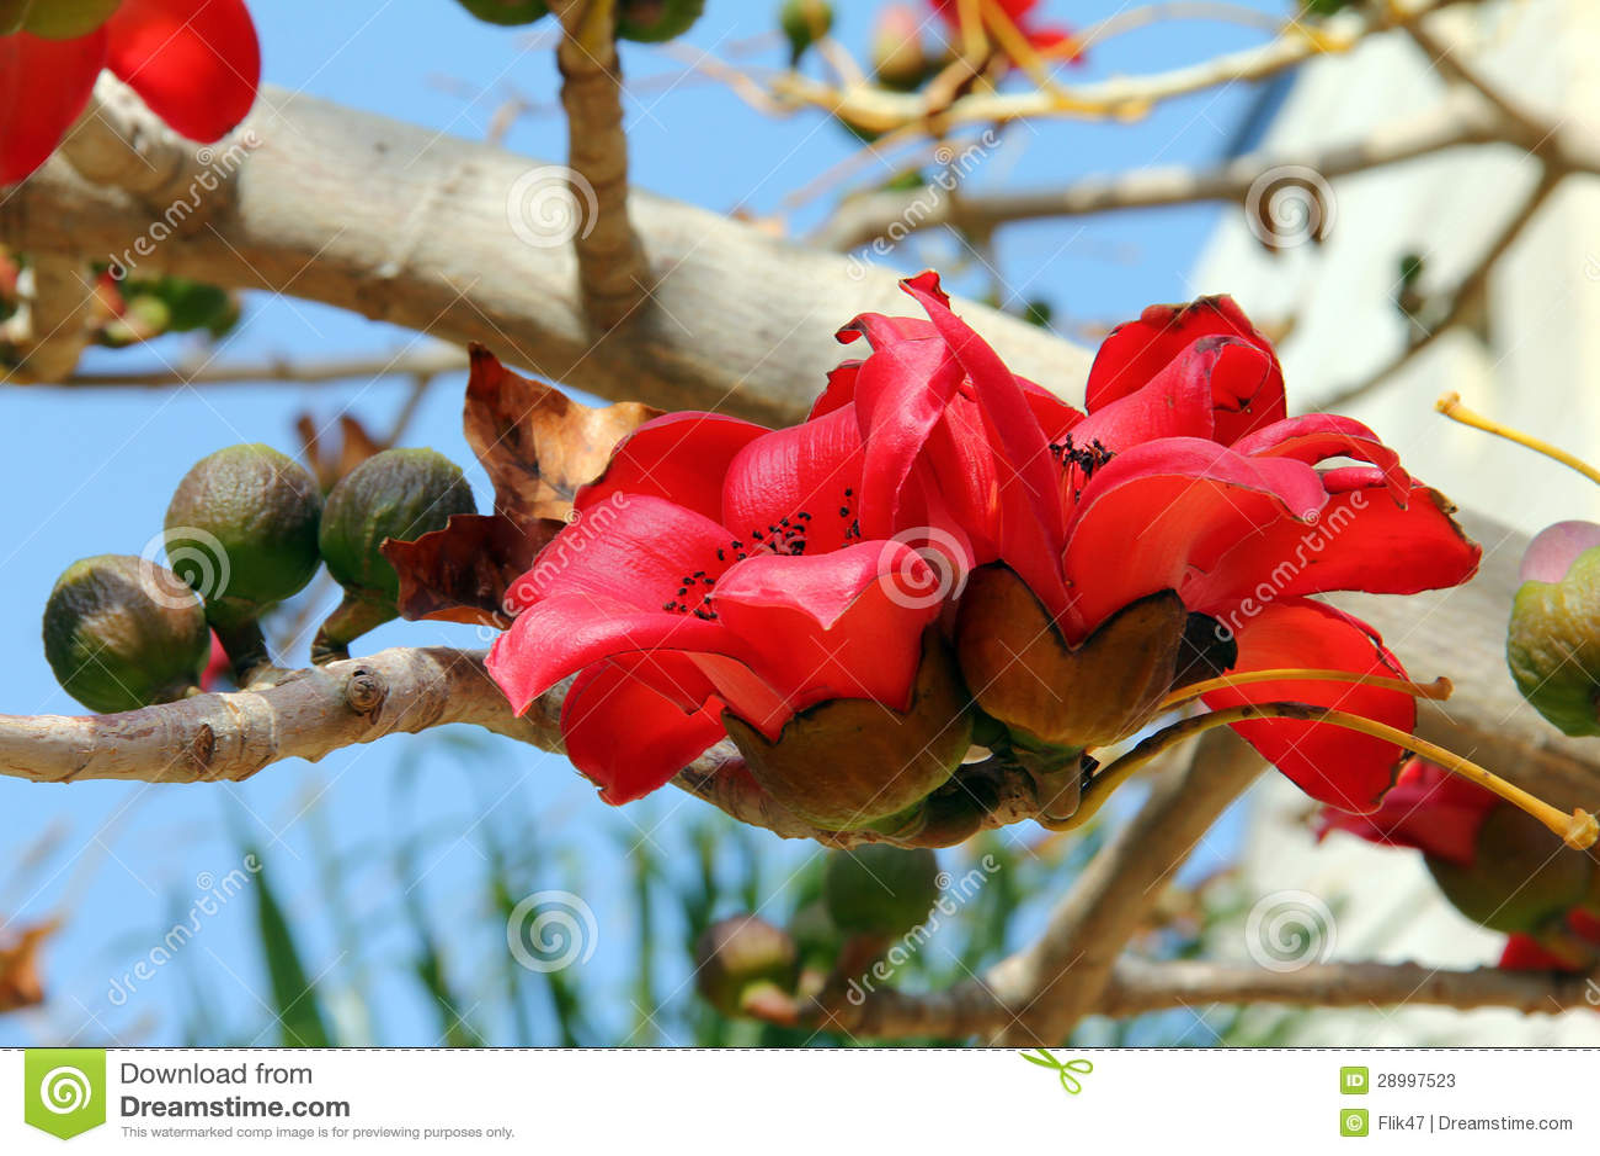 红色丝光木棉结构树(木棉树)的开花